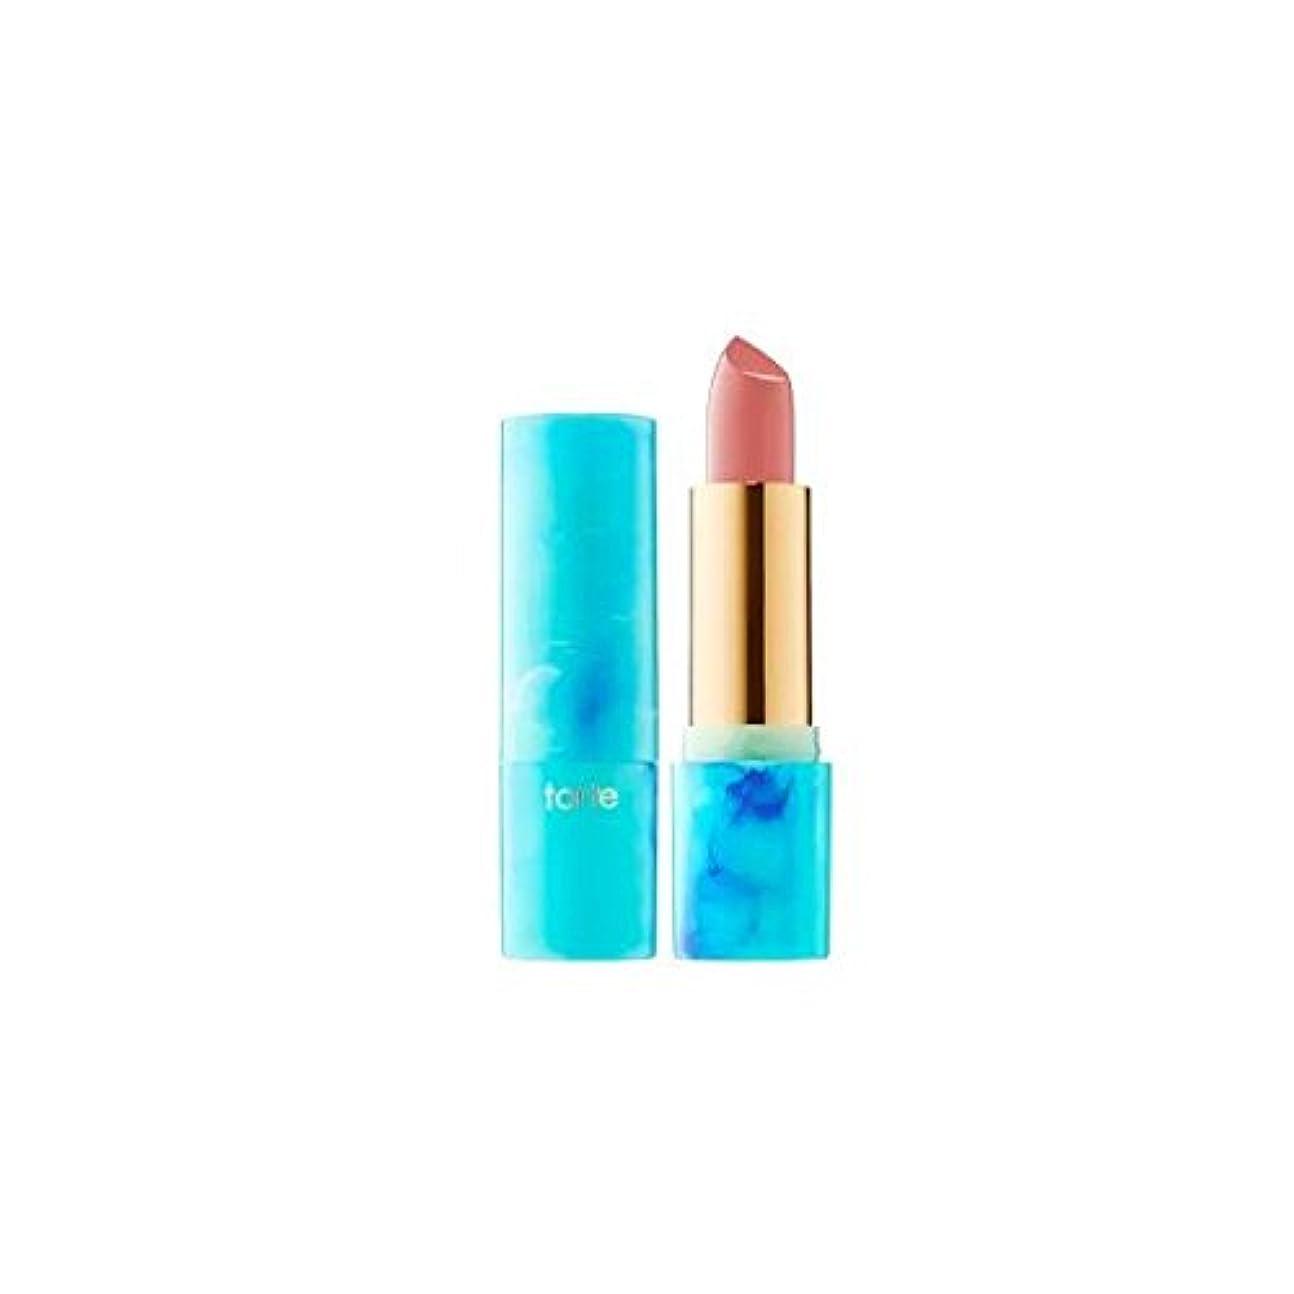 はさみ聖域反論tarteタルト リップ Color Splash Lipstick - Rainforest of the Sea Collection Satin finish